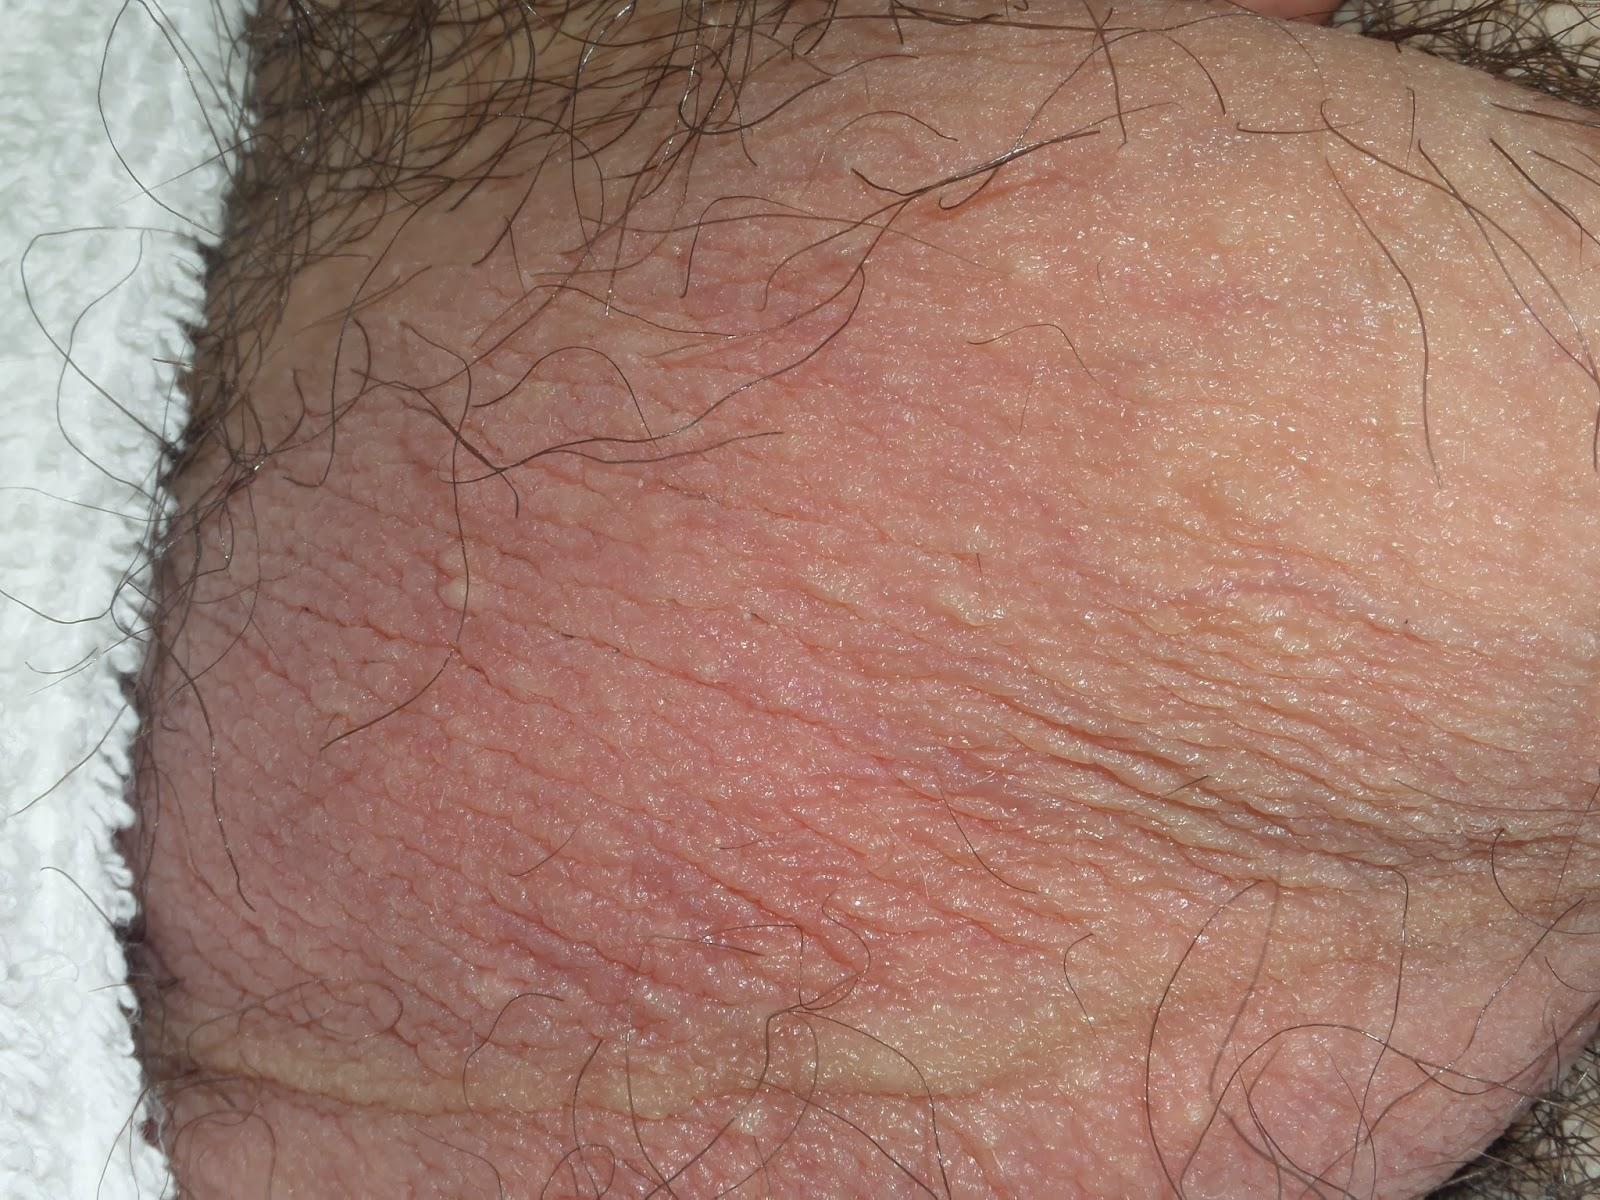 eliminacion de granulos de fordyce fordyce spots removal ...